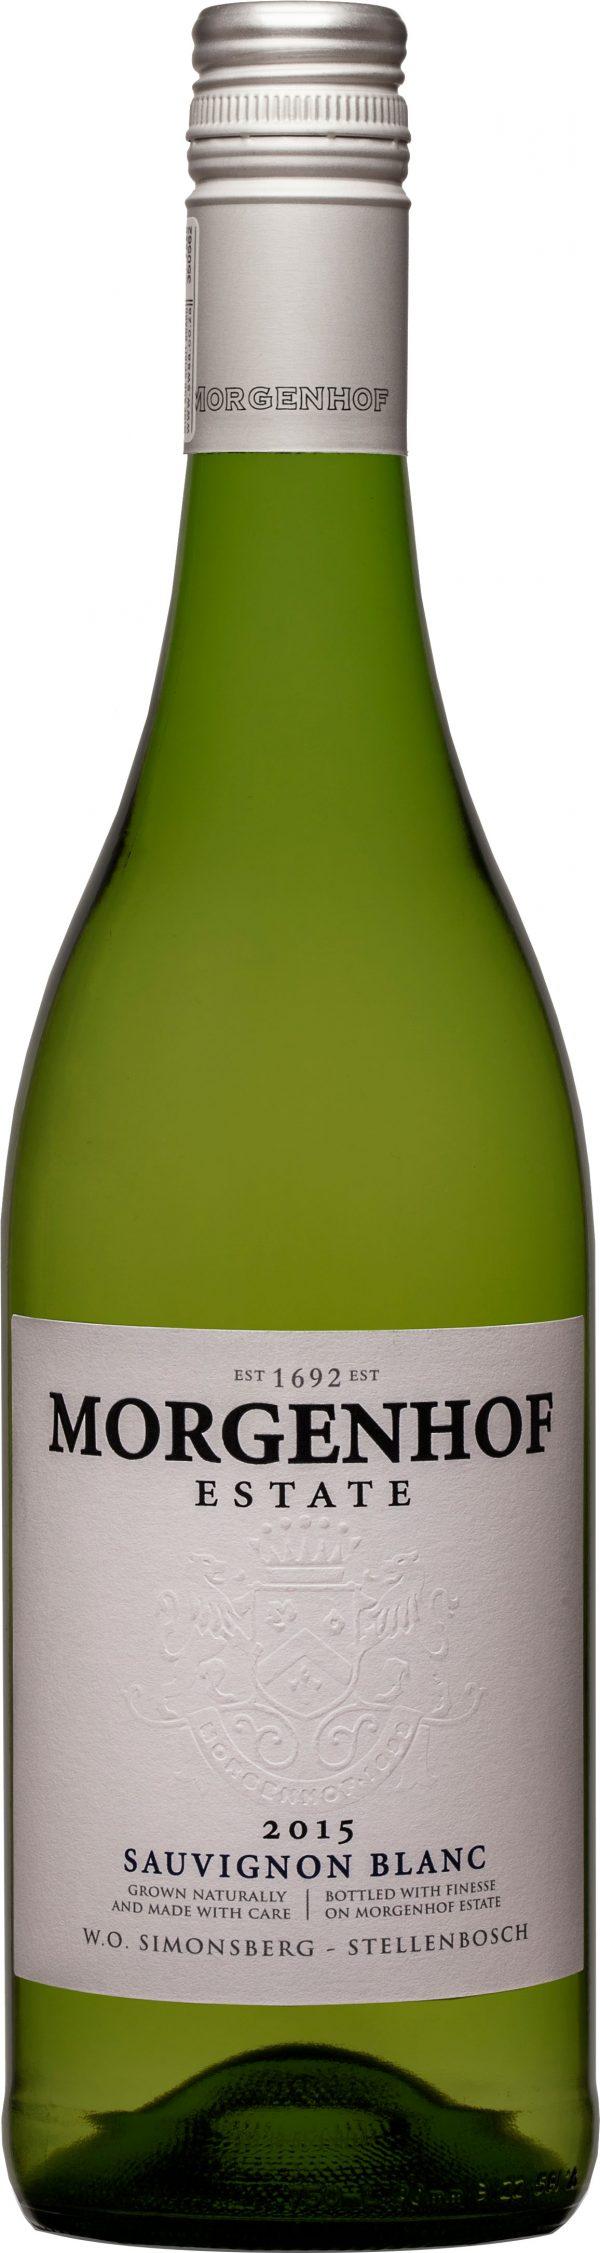 Morgenhof - Sauvignon Blanc 2017 75cl Bottle